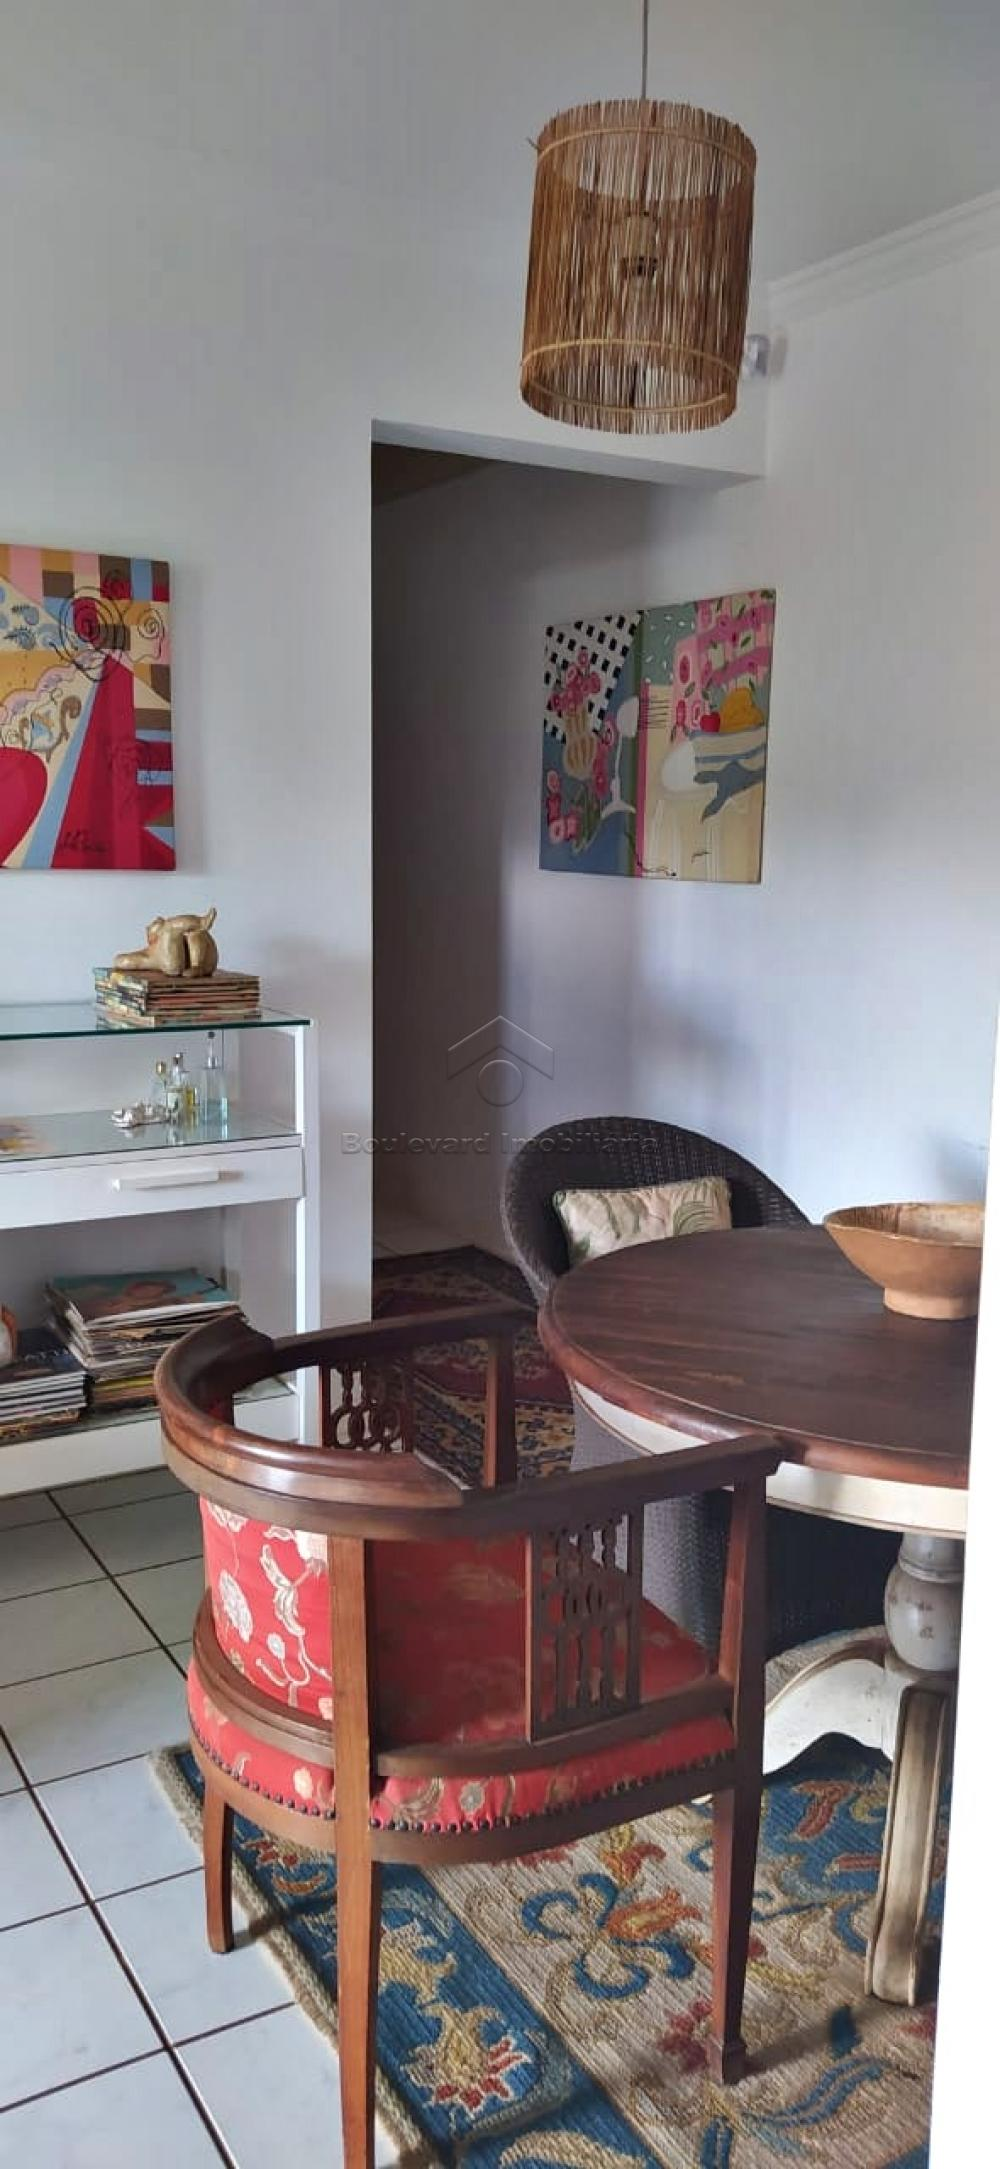 Comprar Apartamento / Padrão em Ribeirão Preto R$ 280.000,00 - Foto 5